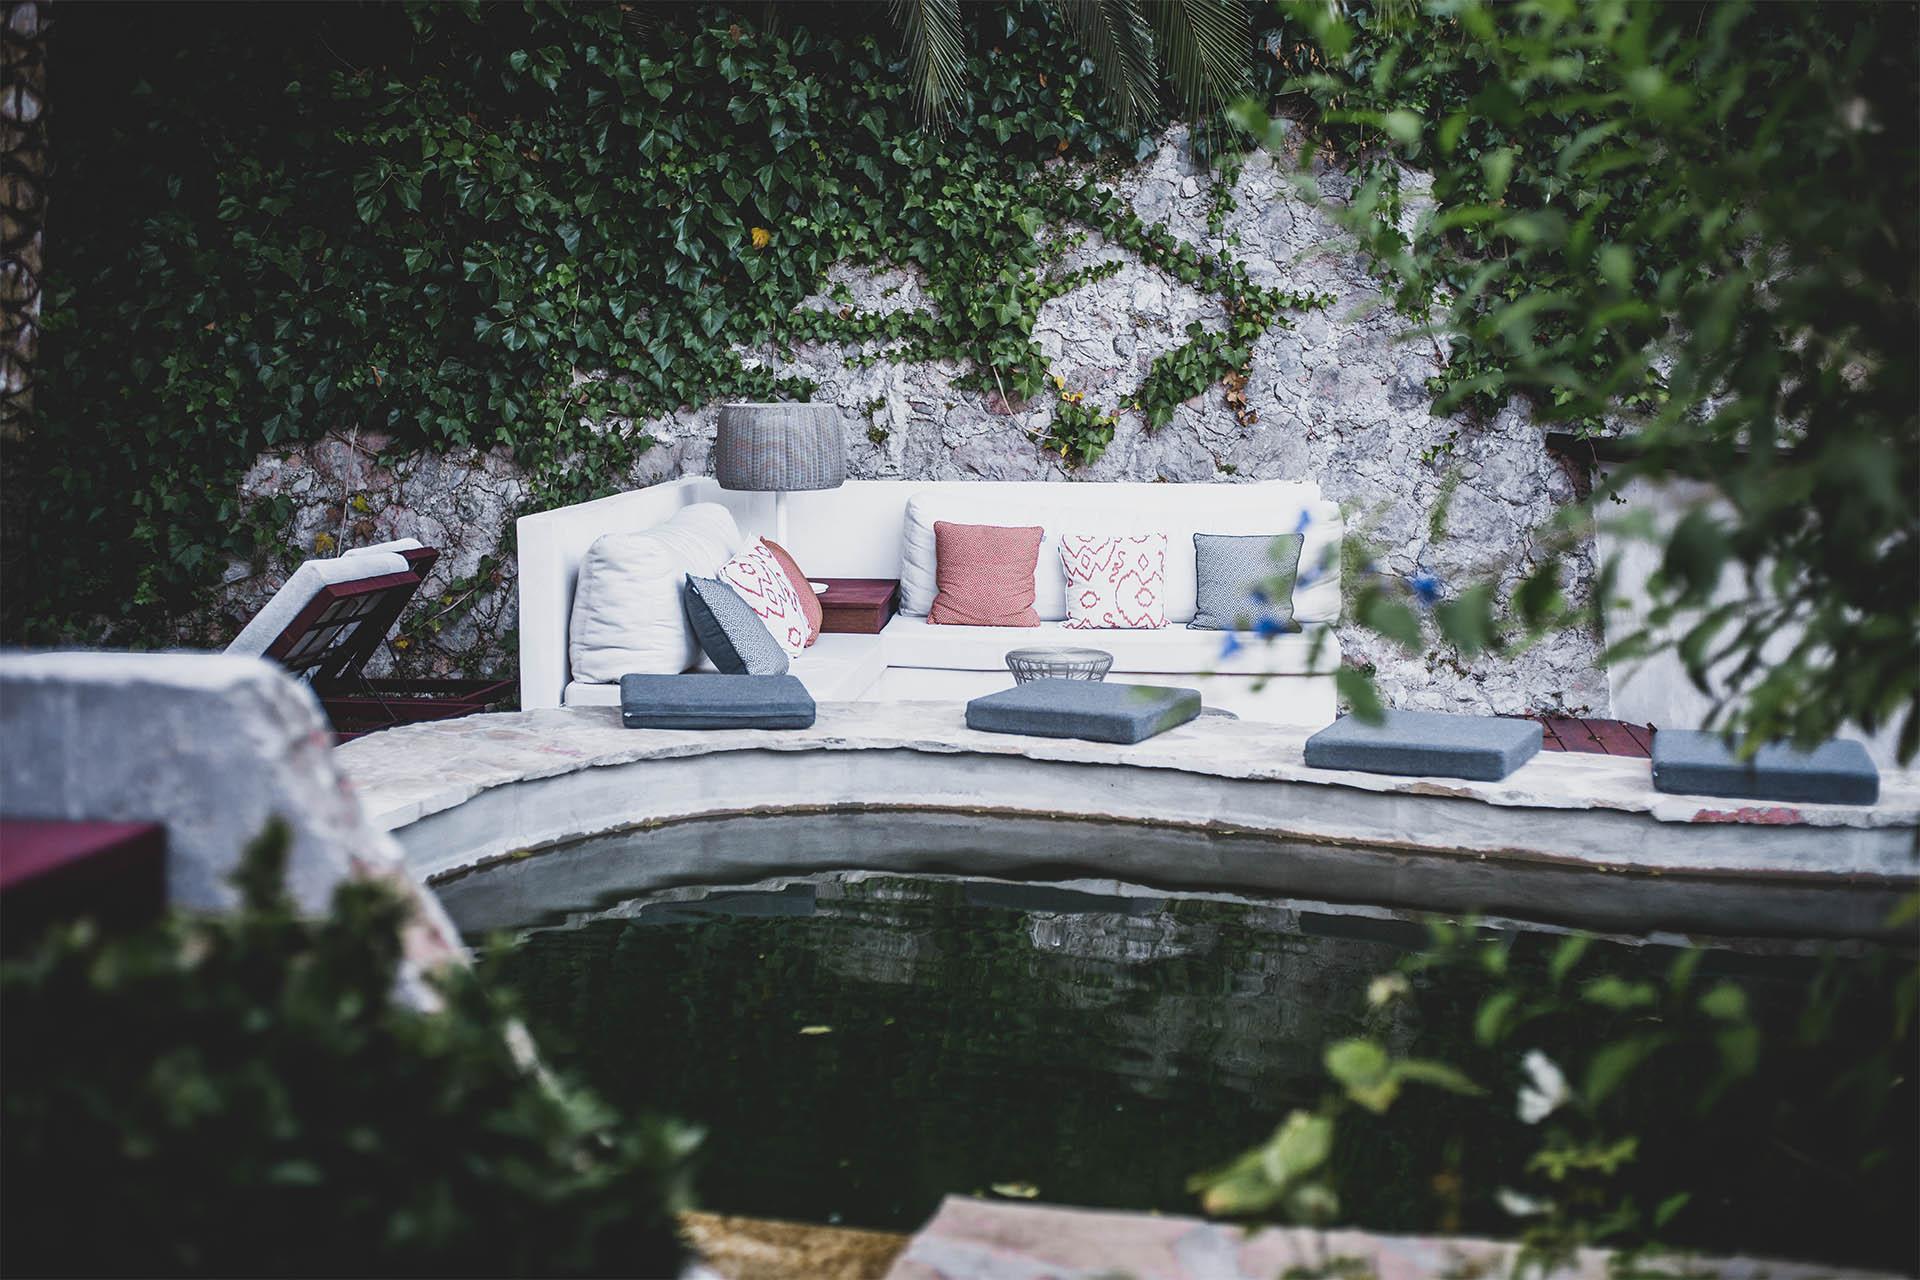 jardi d'artà